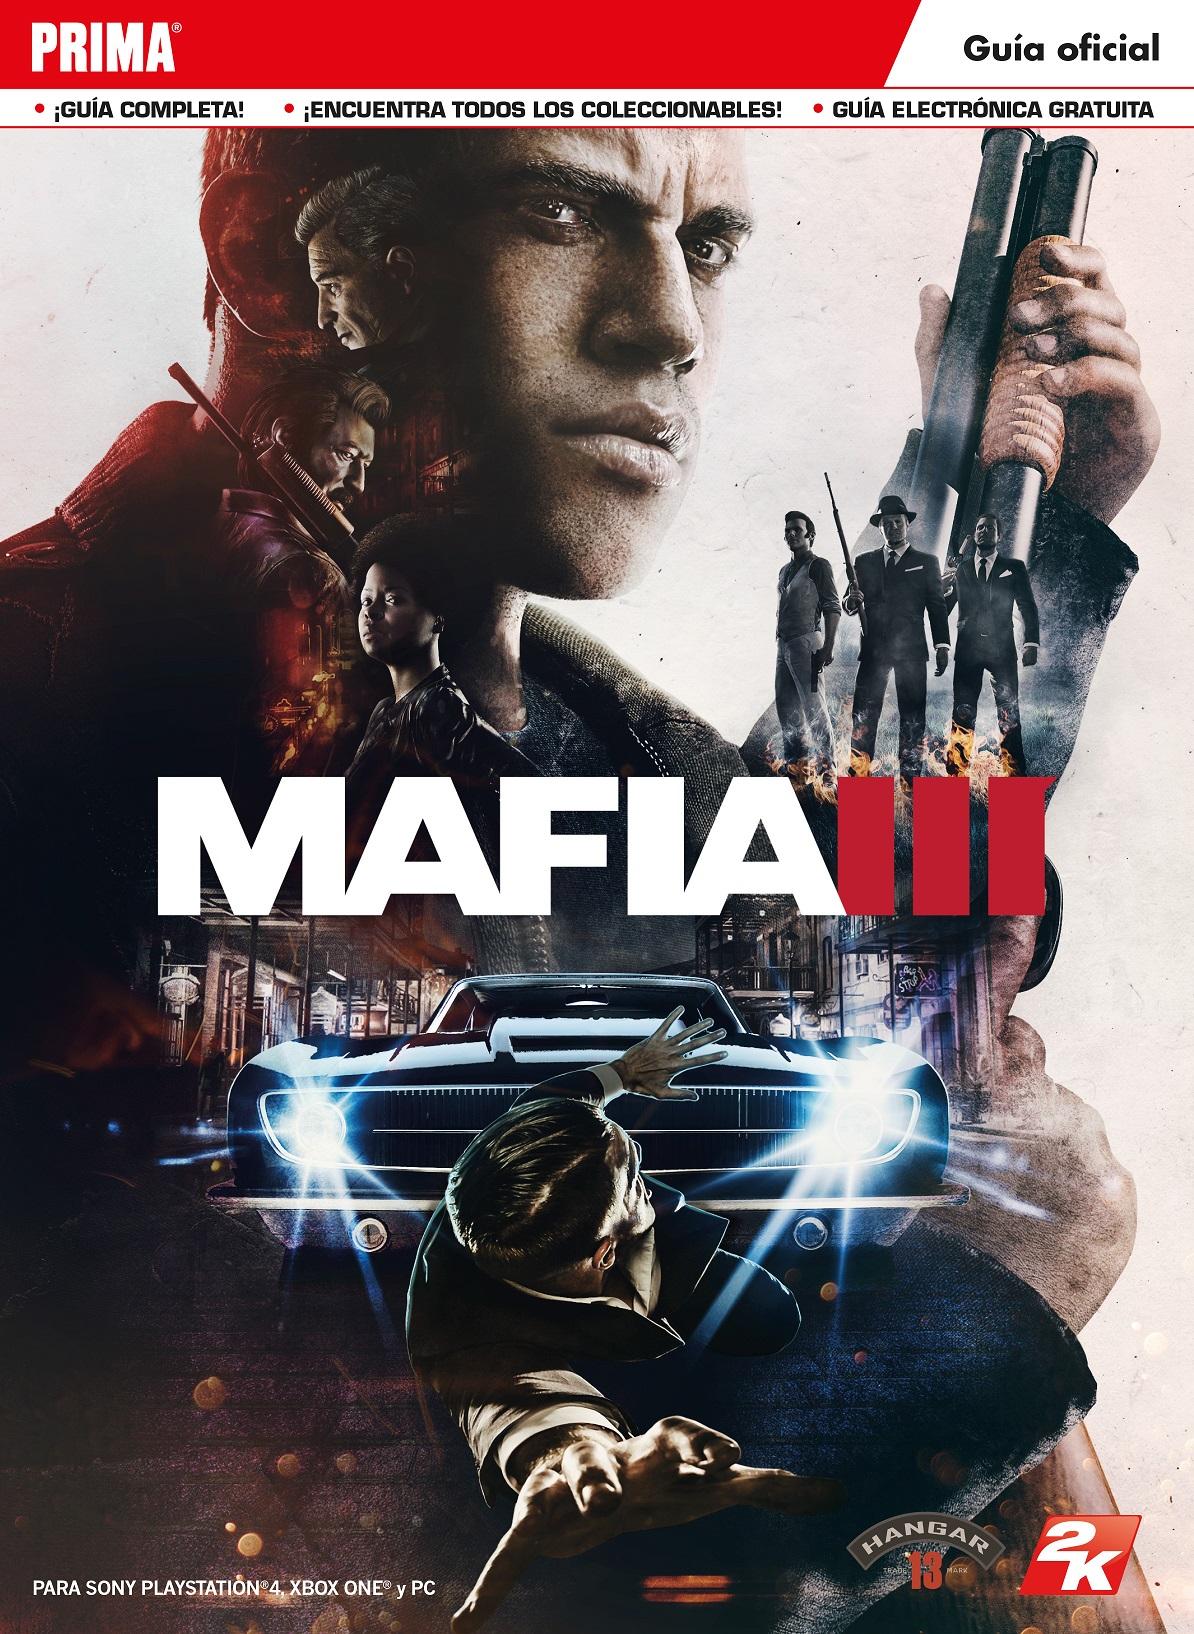 portada mafia iii guia